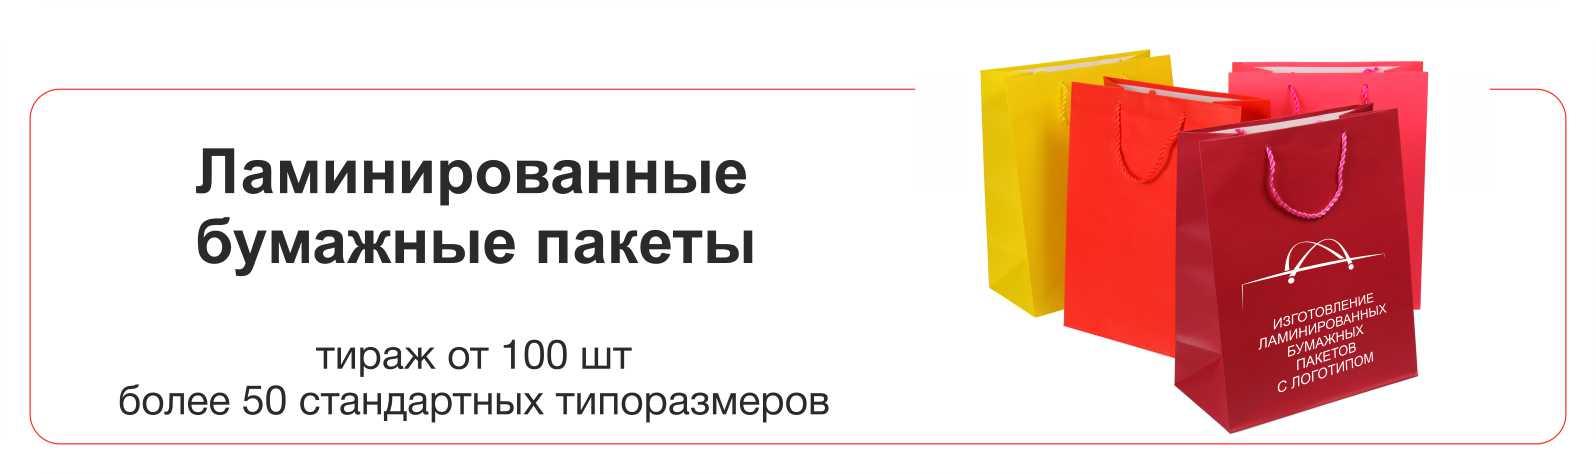 Proizvodstvo laminirovannih paketov paperbag org ua